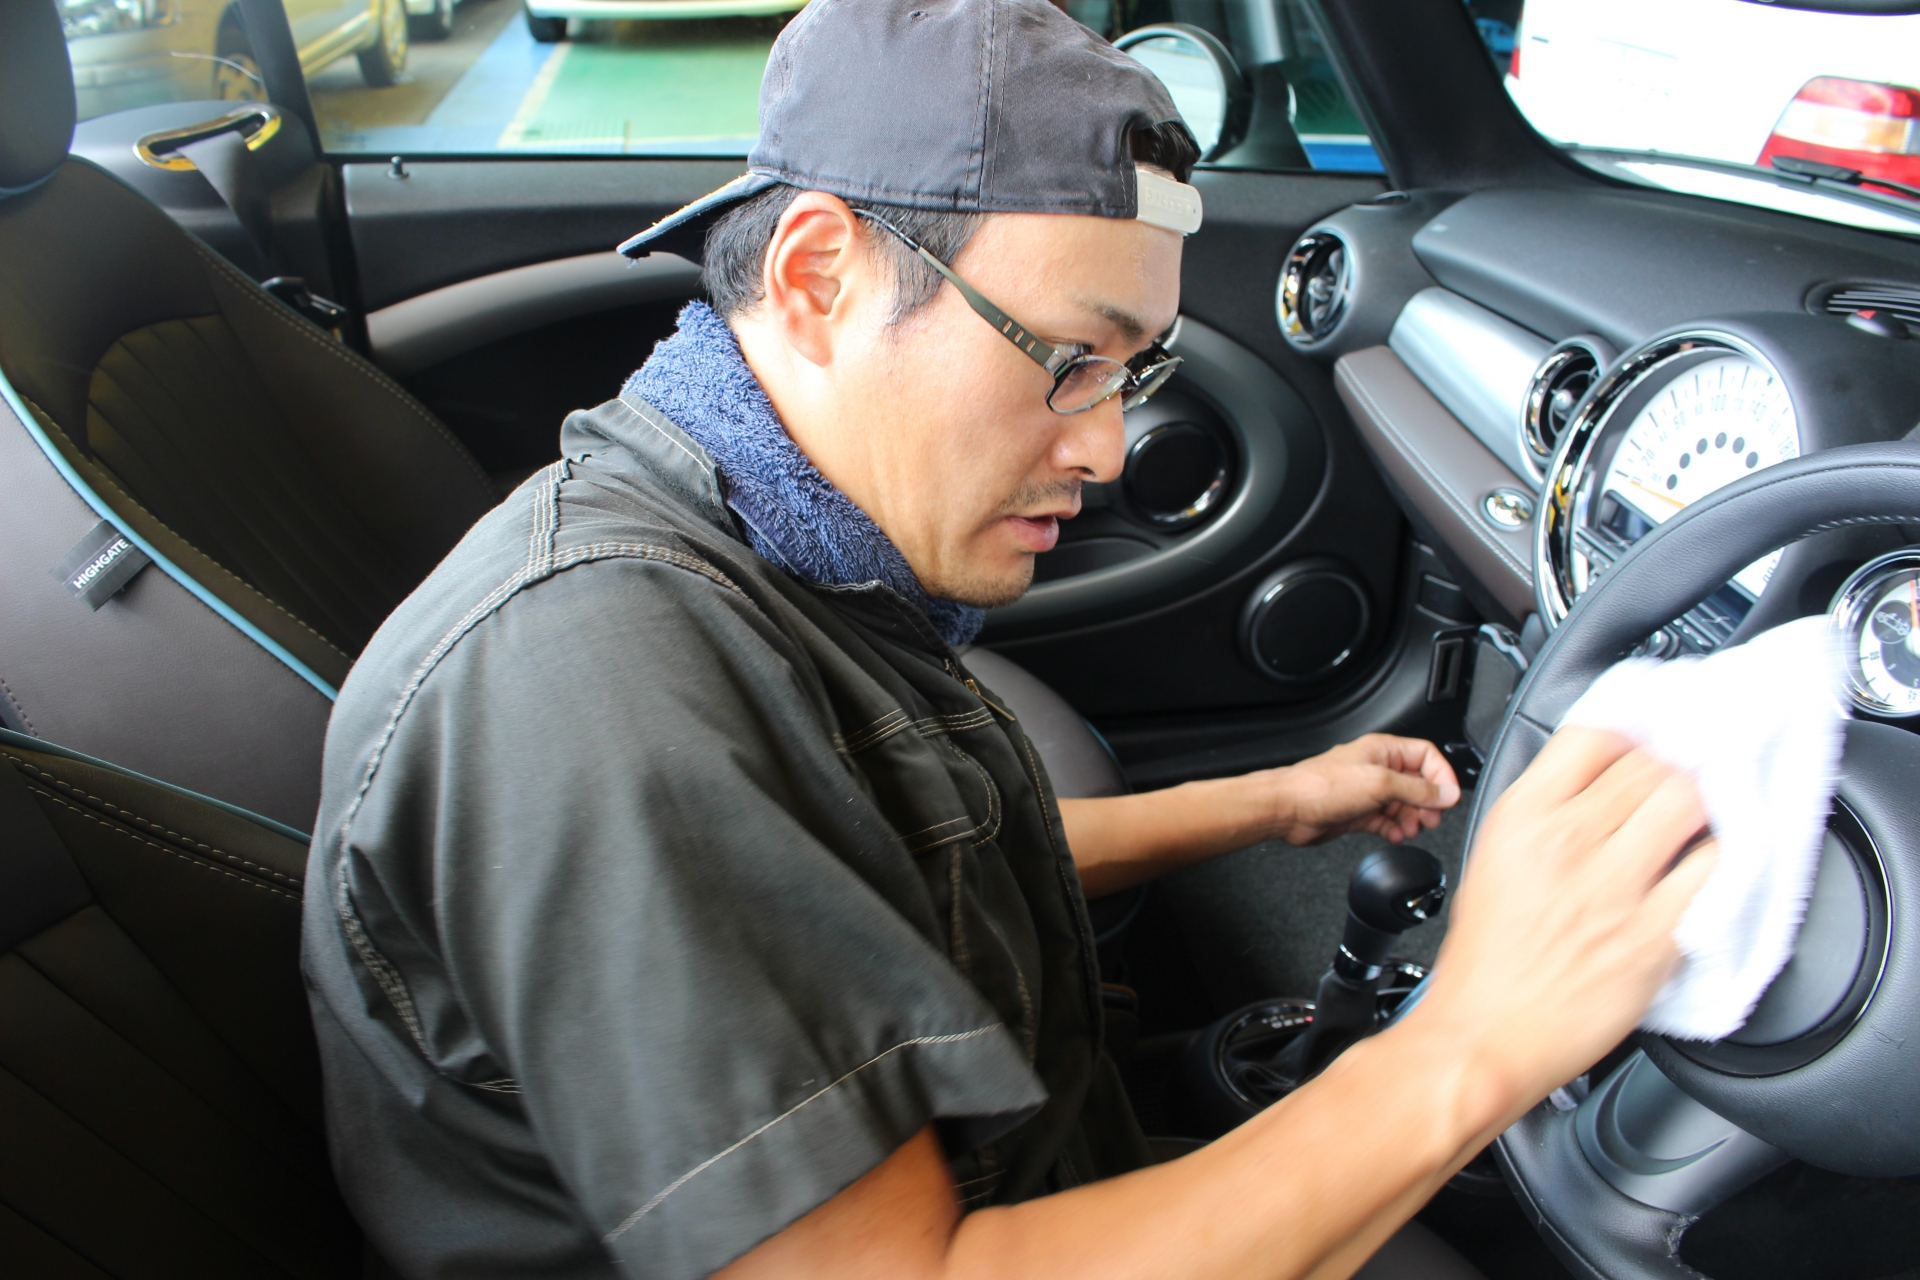 ガソリンスタンドで車内に掃除機をかける時の使い方について